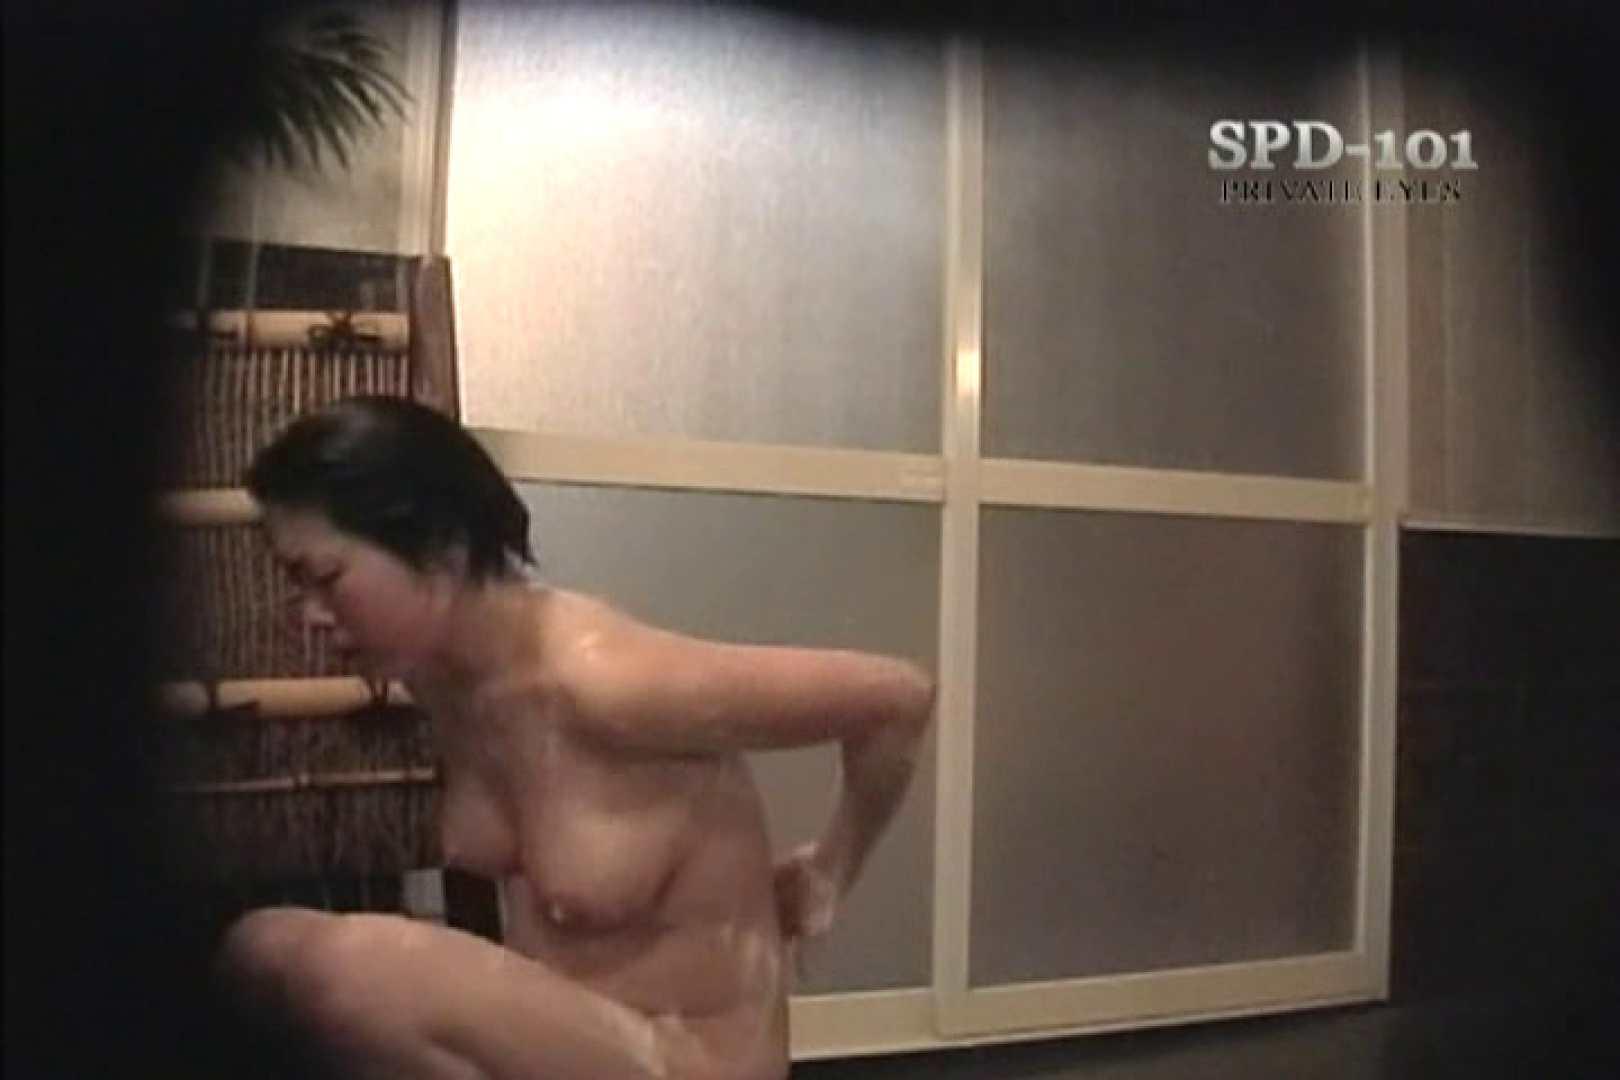 巨乳 乳首:高画質版!SPD-101 透明人間の視線 2:のぞき本舗 中村屋